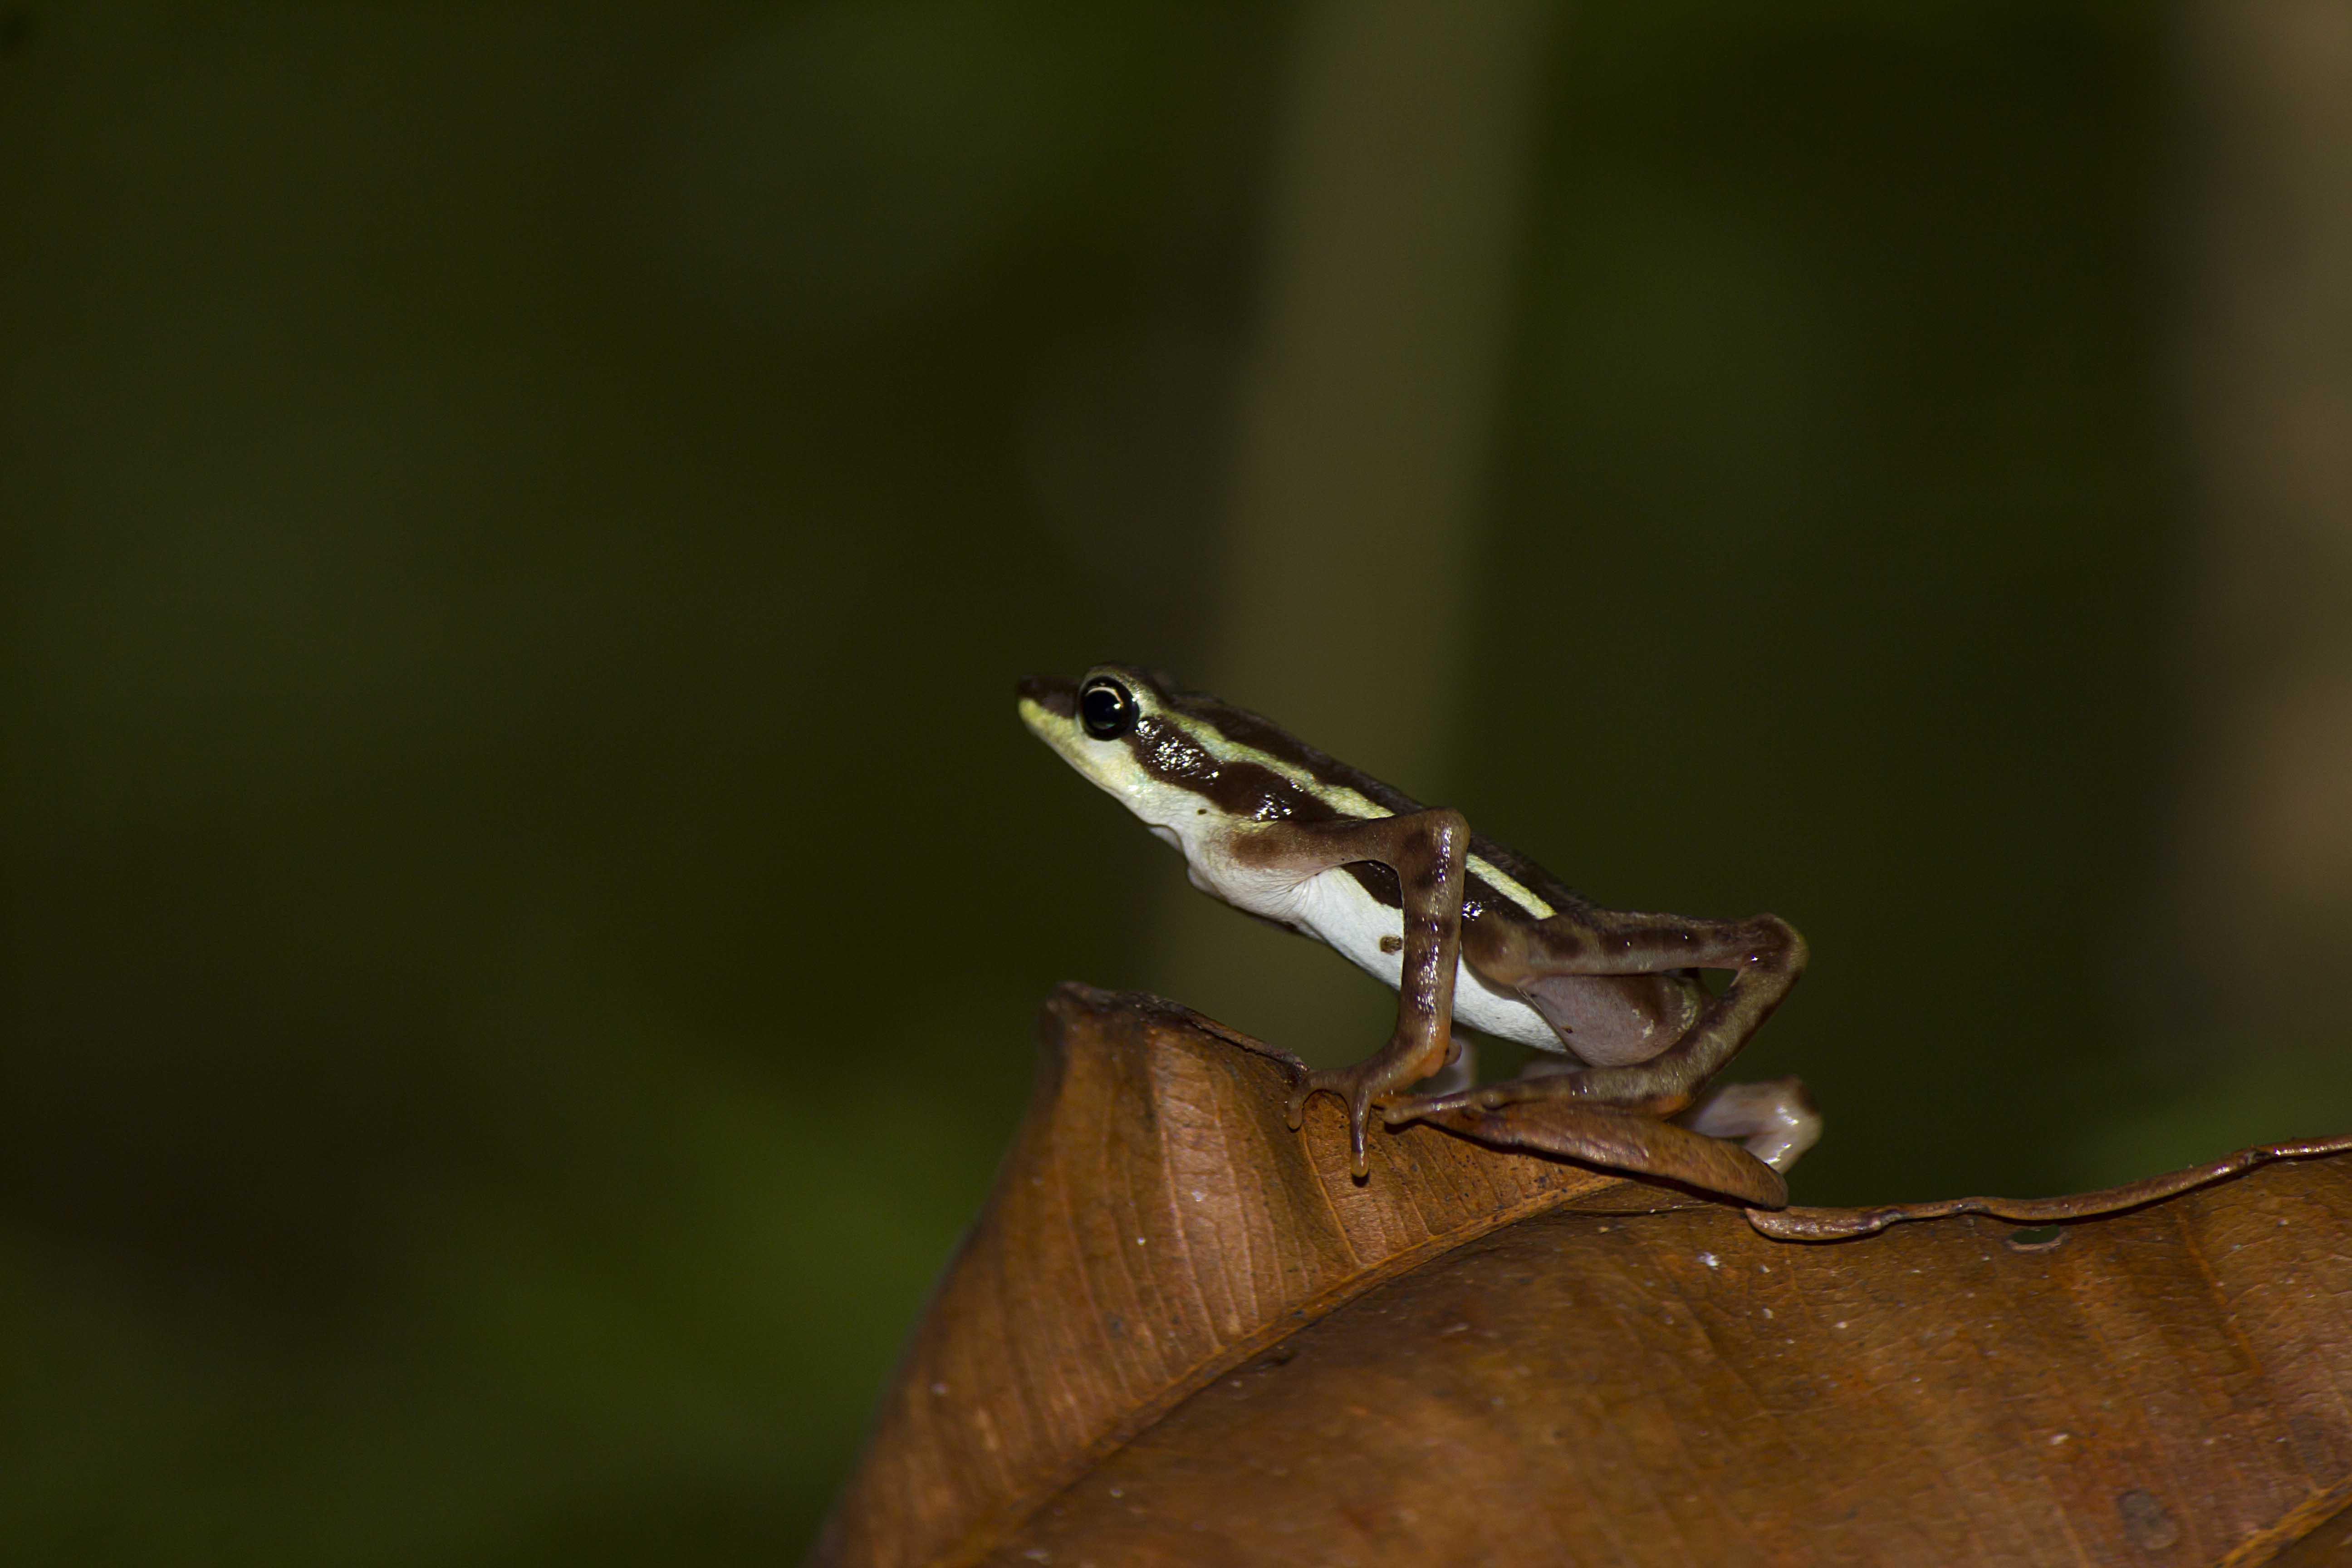 Científicos aseguran que los anfibios fueron los primeros animales que pasaron del agua a la tierra y también son los primeros que están desapareciendo de ella. Foto: Diego Gómez Hoyos.